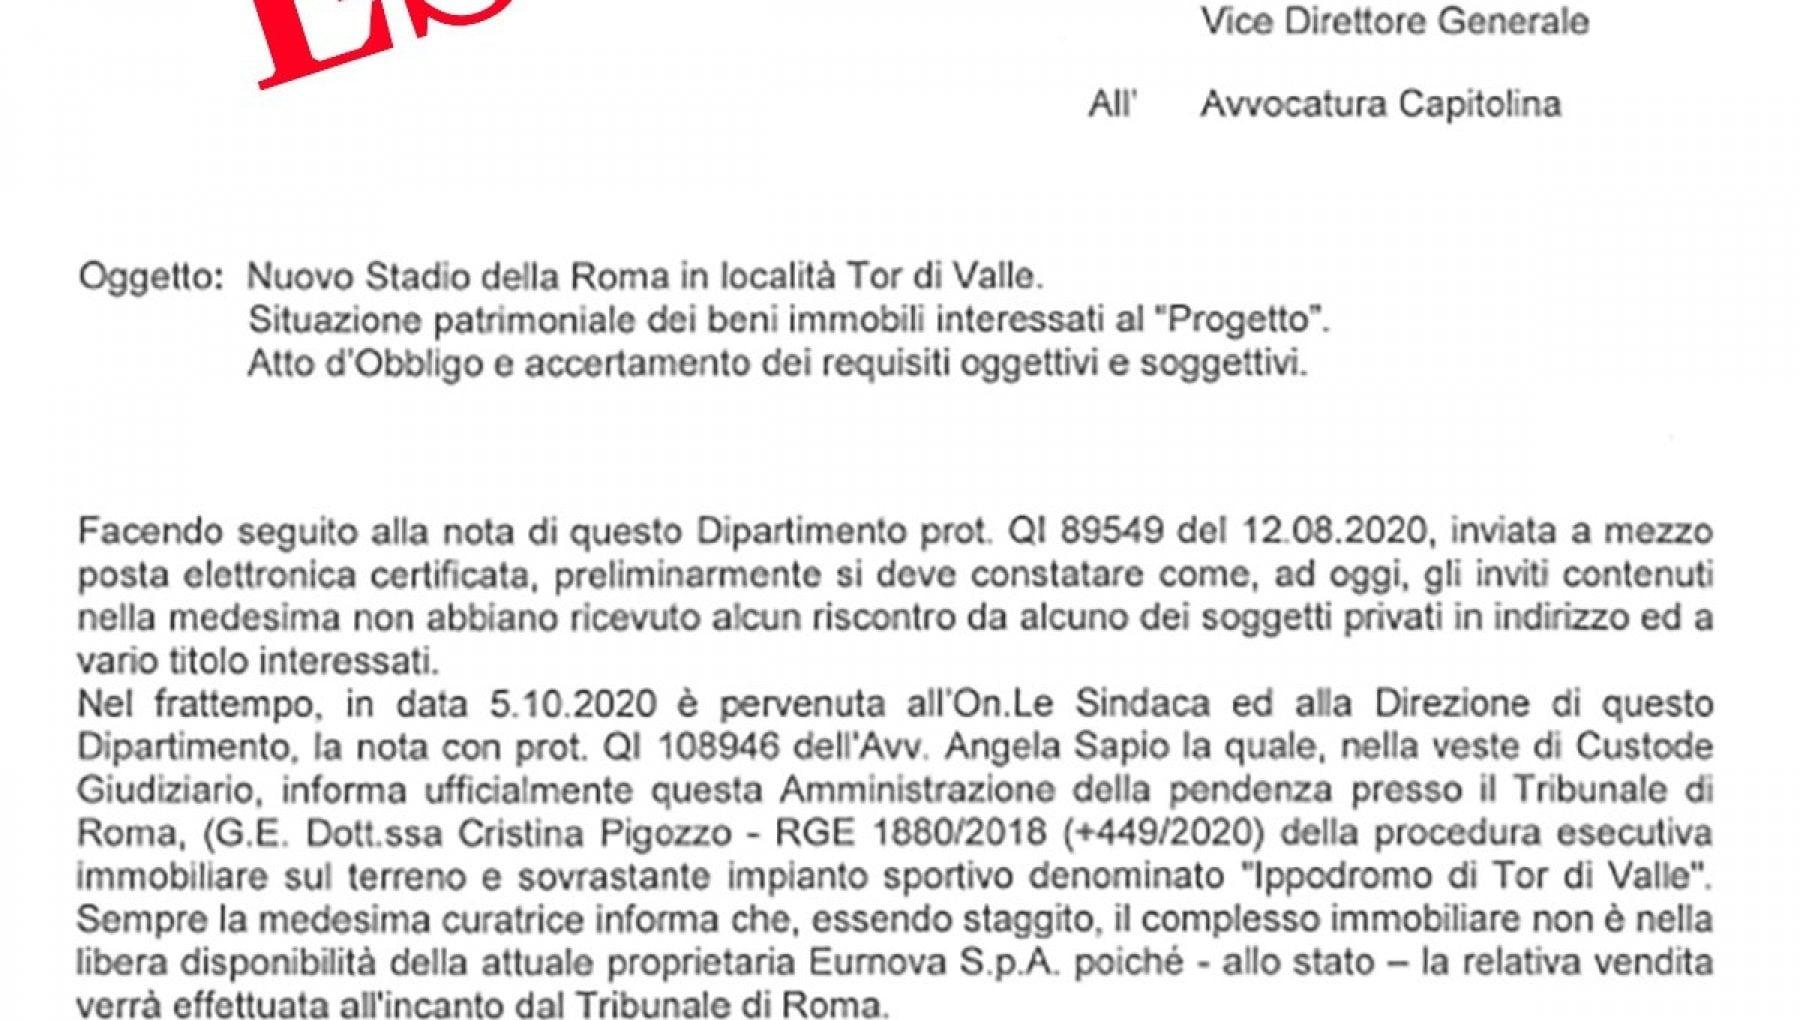 La Roma dice addio allo stadio di Tor di Valle quei terreni sono pignorati